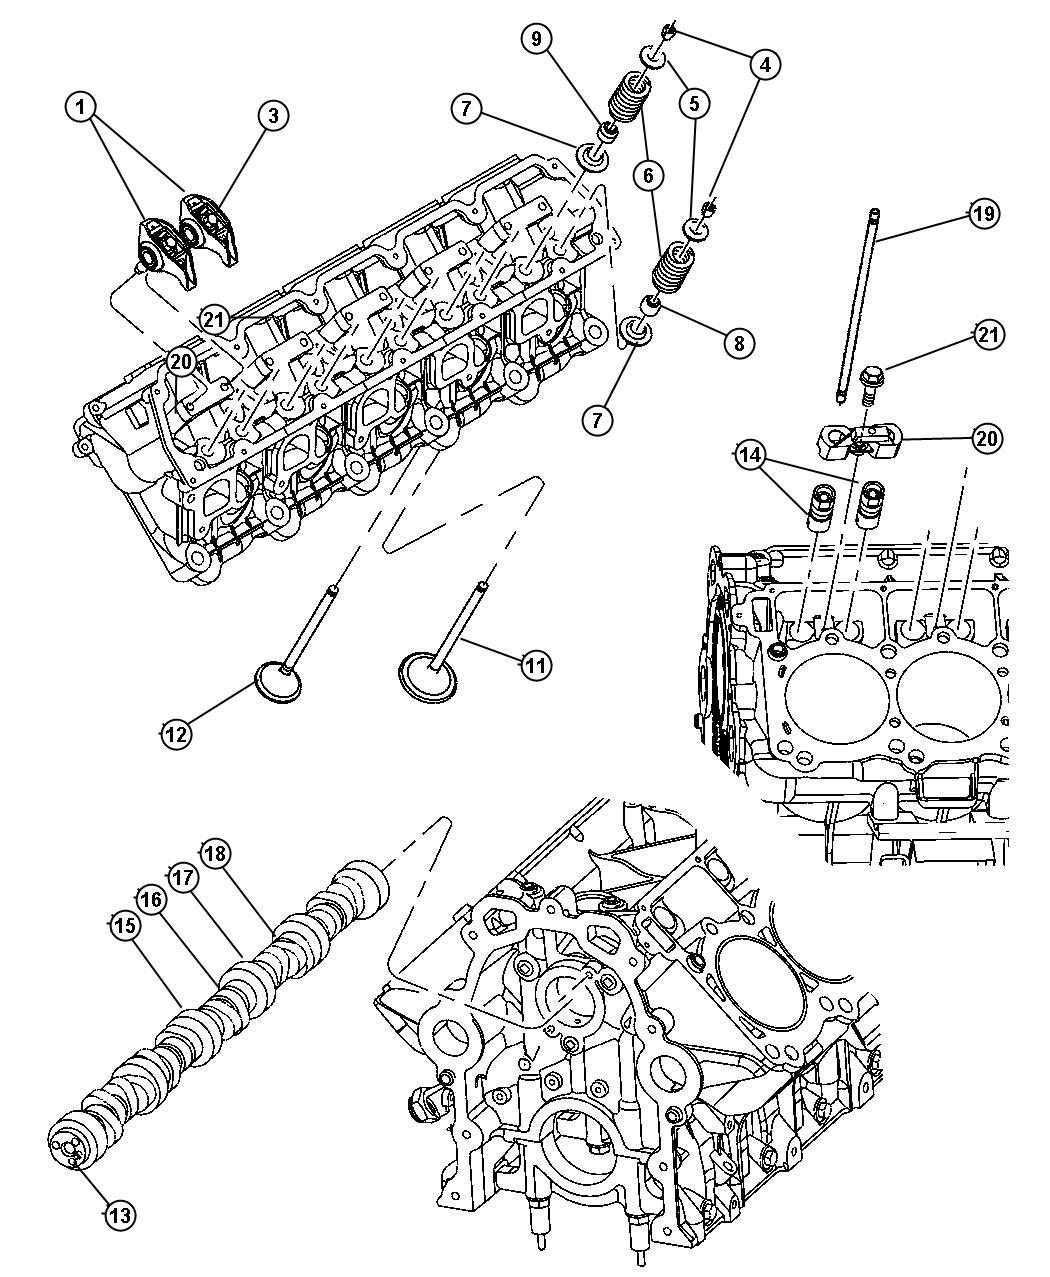 Dodge Viper Tappet. Hyd. Roller. Engine, camshafts, valves